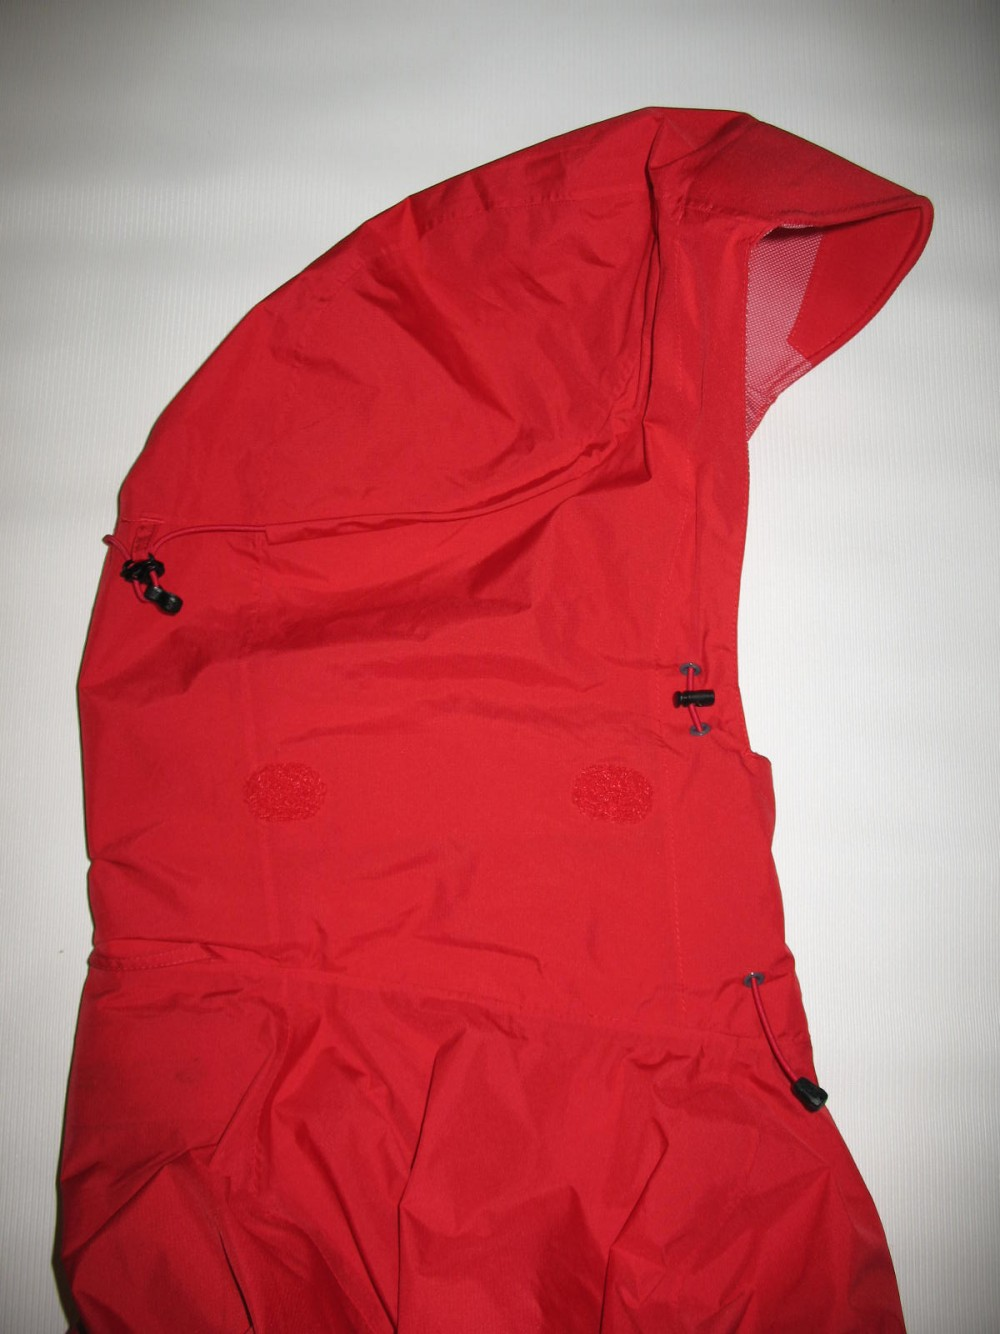 Куртка MOUNTAIN EQUIPMENT  aeon jacket (размер L) - 8